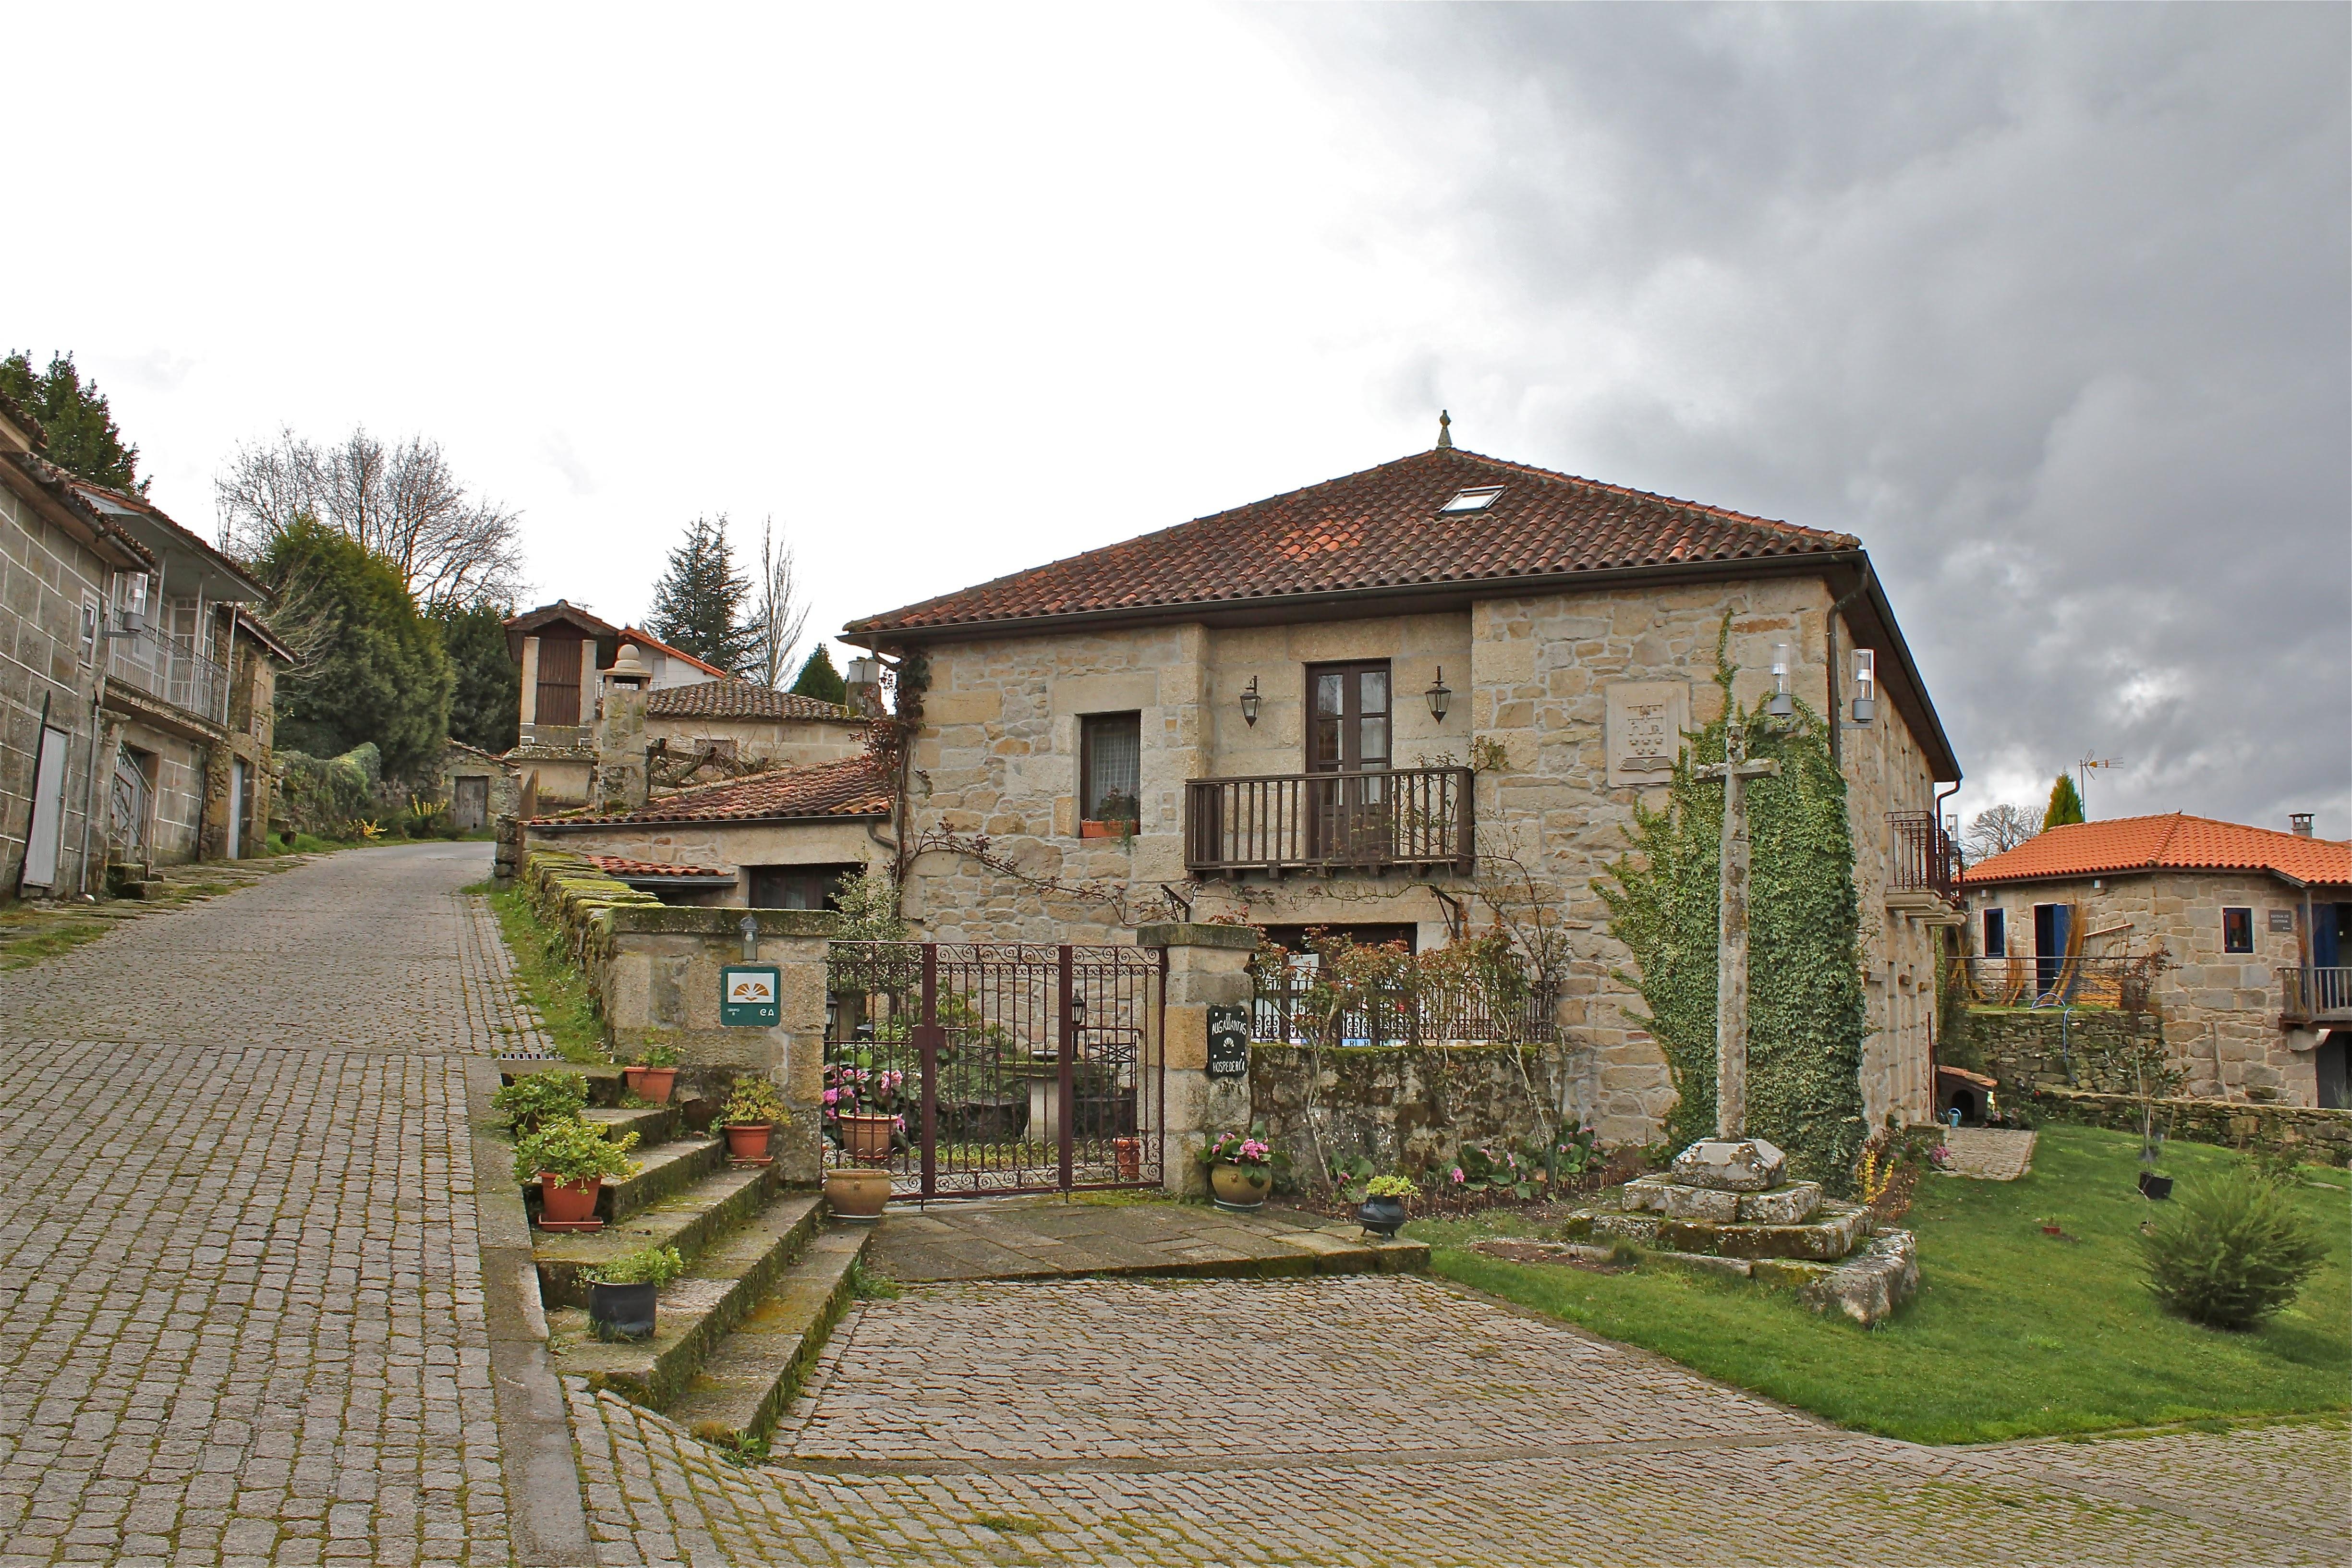 Fotos gratis palacio pueblo edificio castillo - Casas gratis en pueblos de espana ...